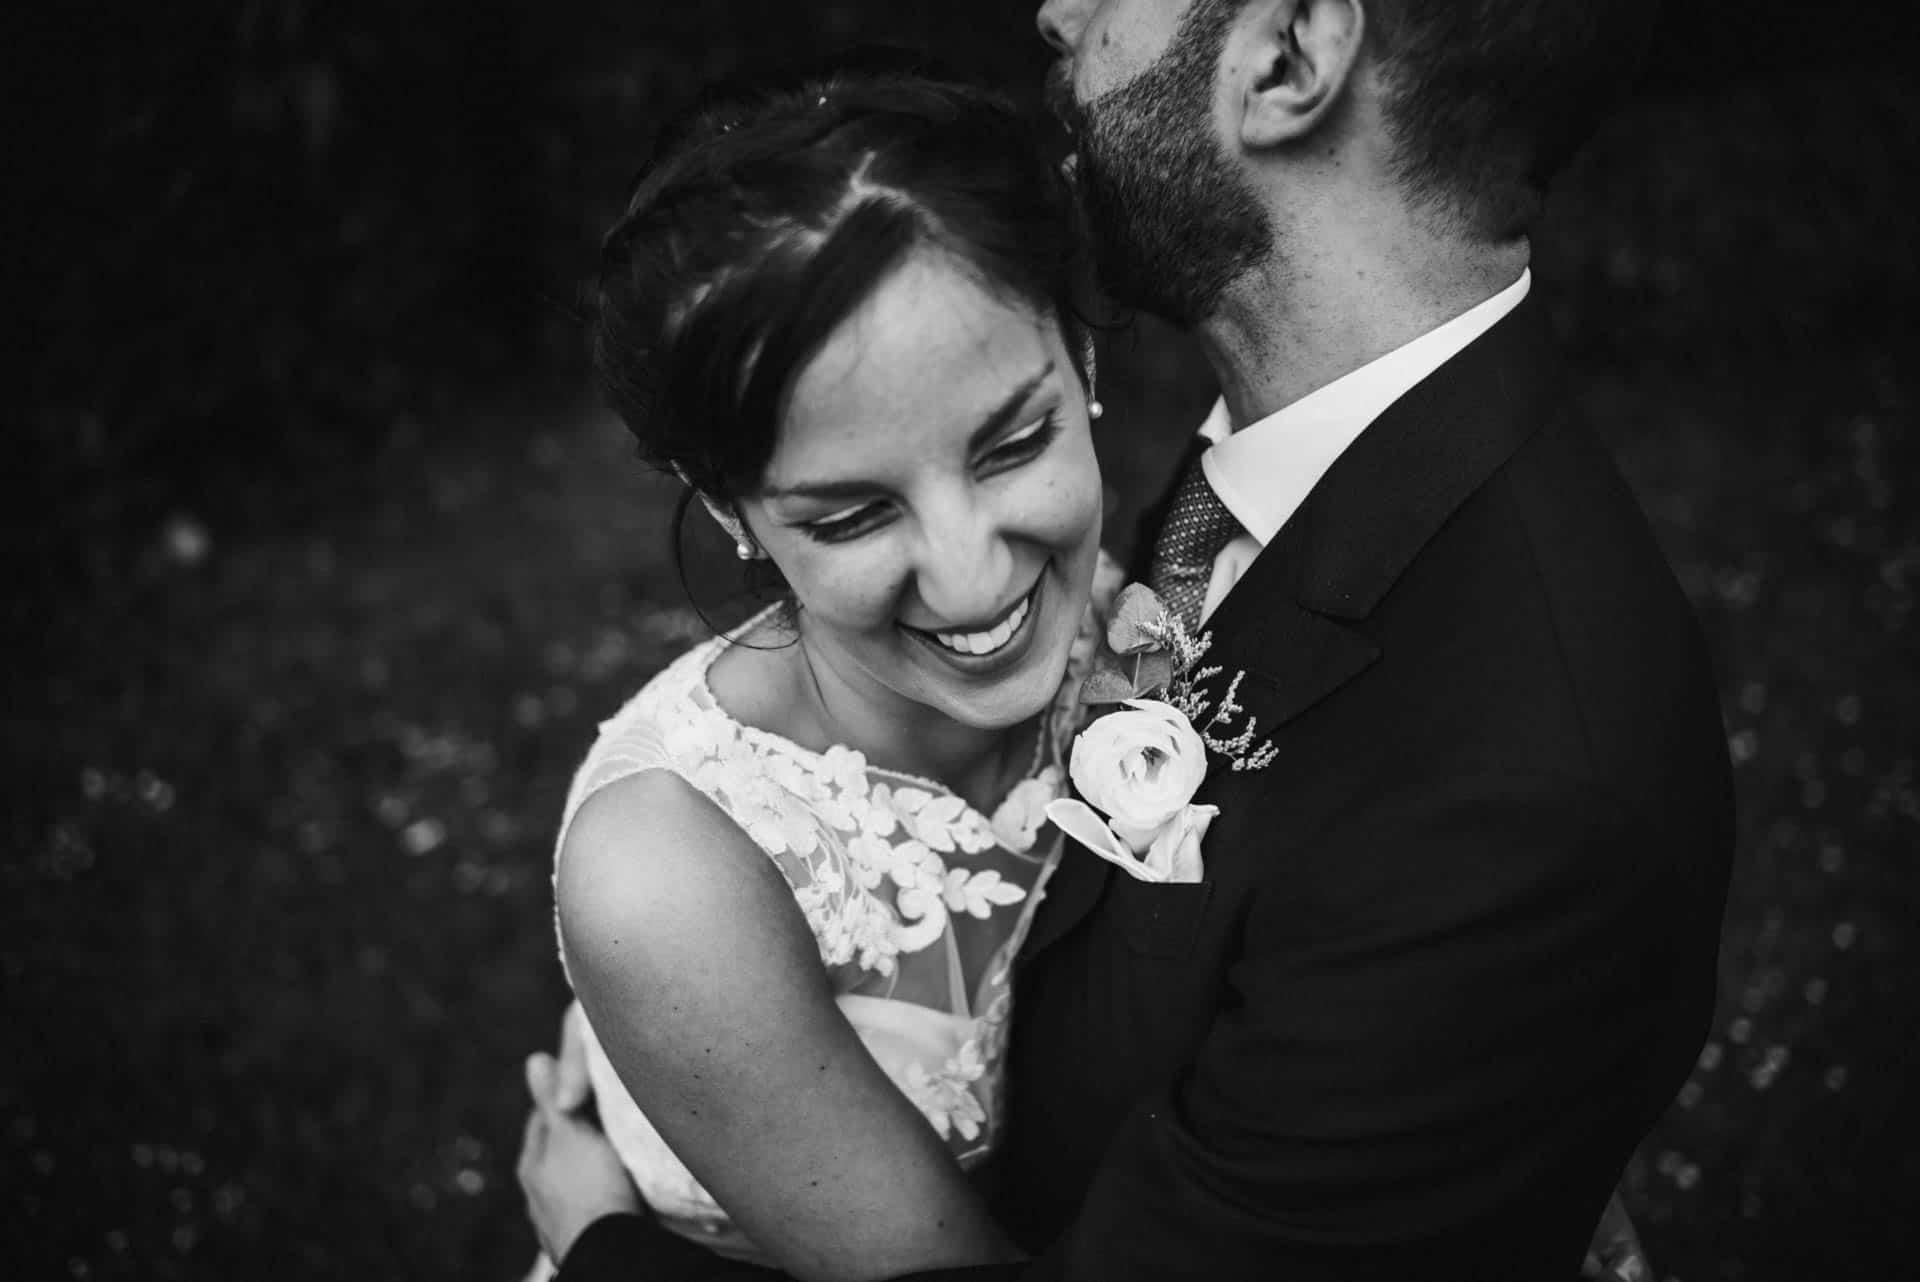 fotografo matrimonio padova 2 Fotografo Matrimonio Andrea Fusaro